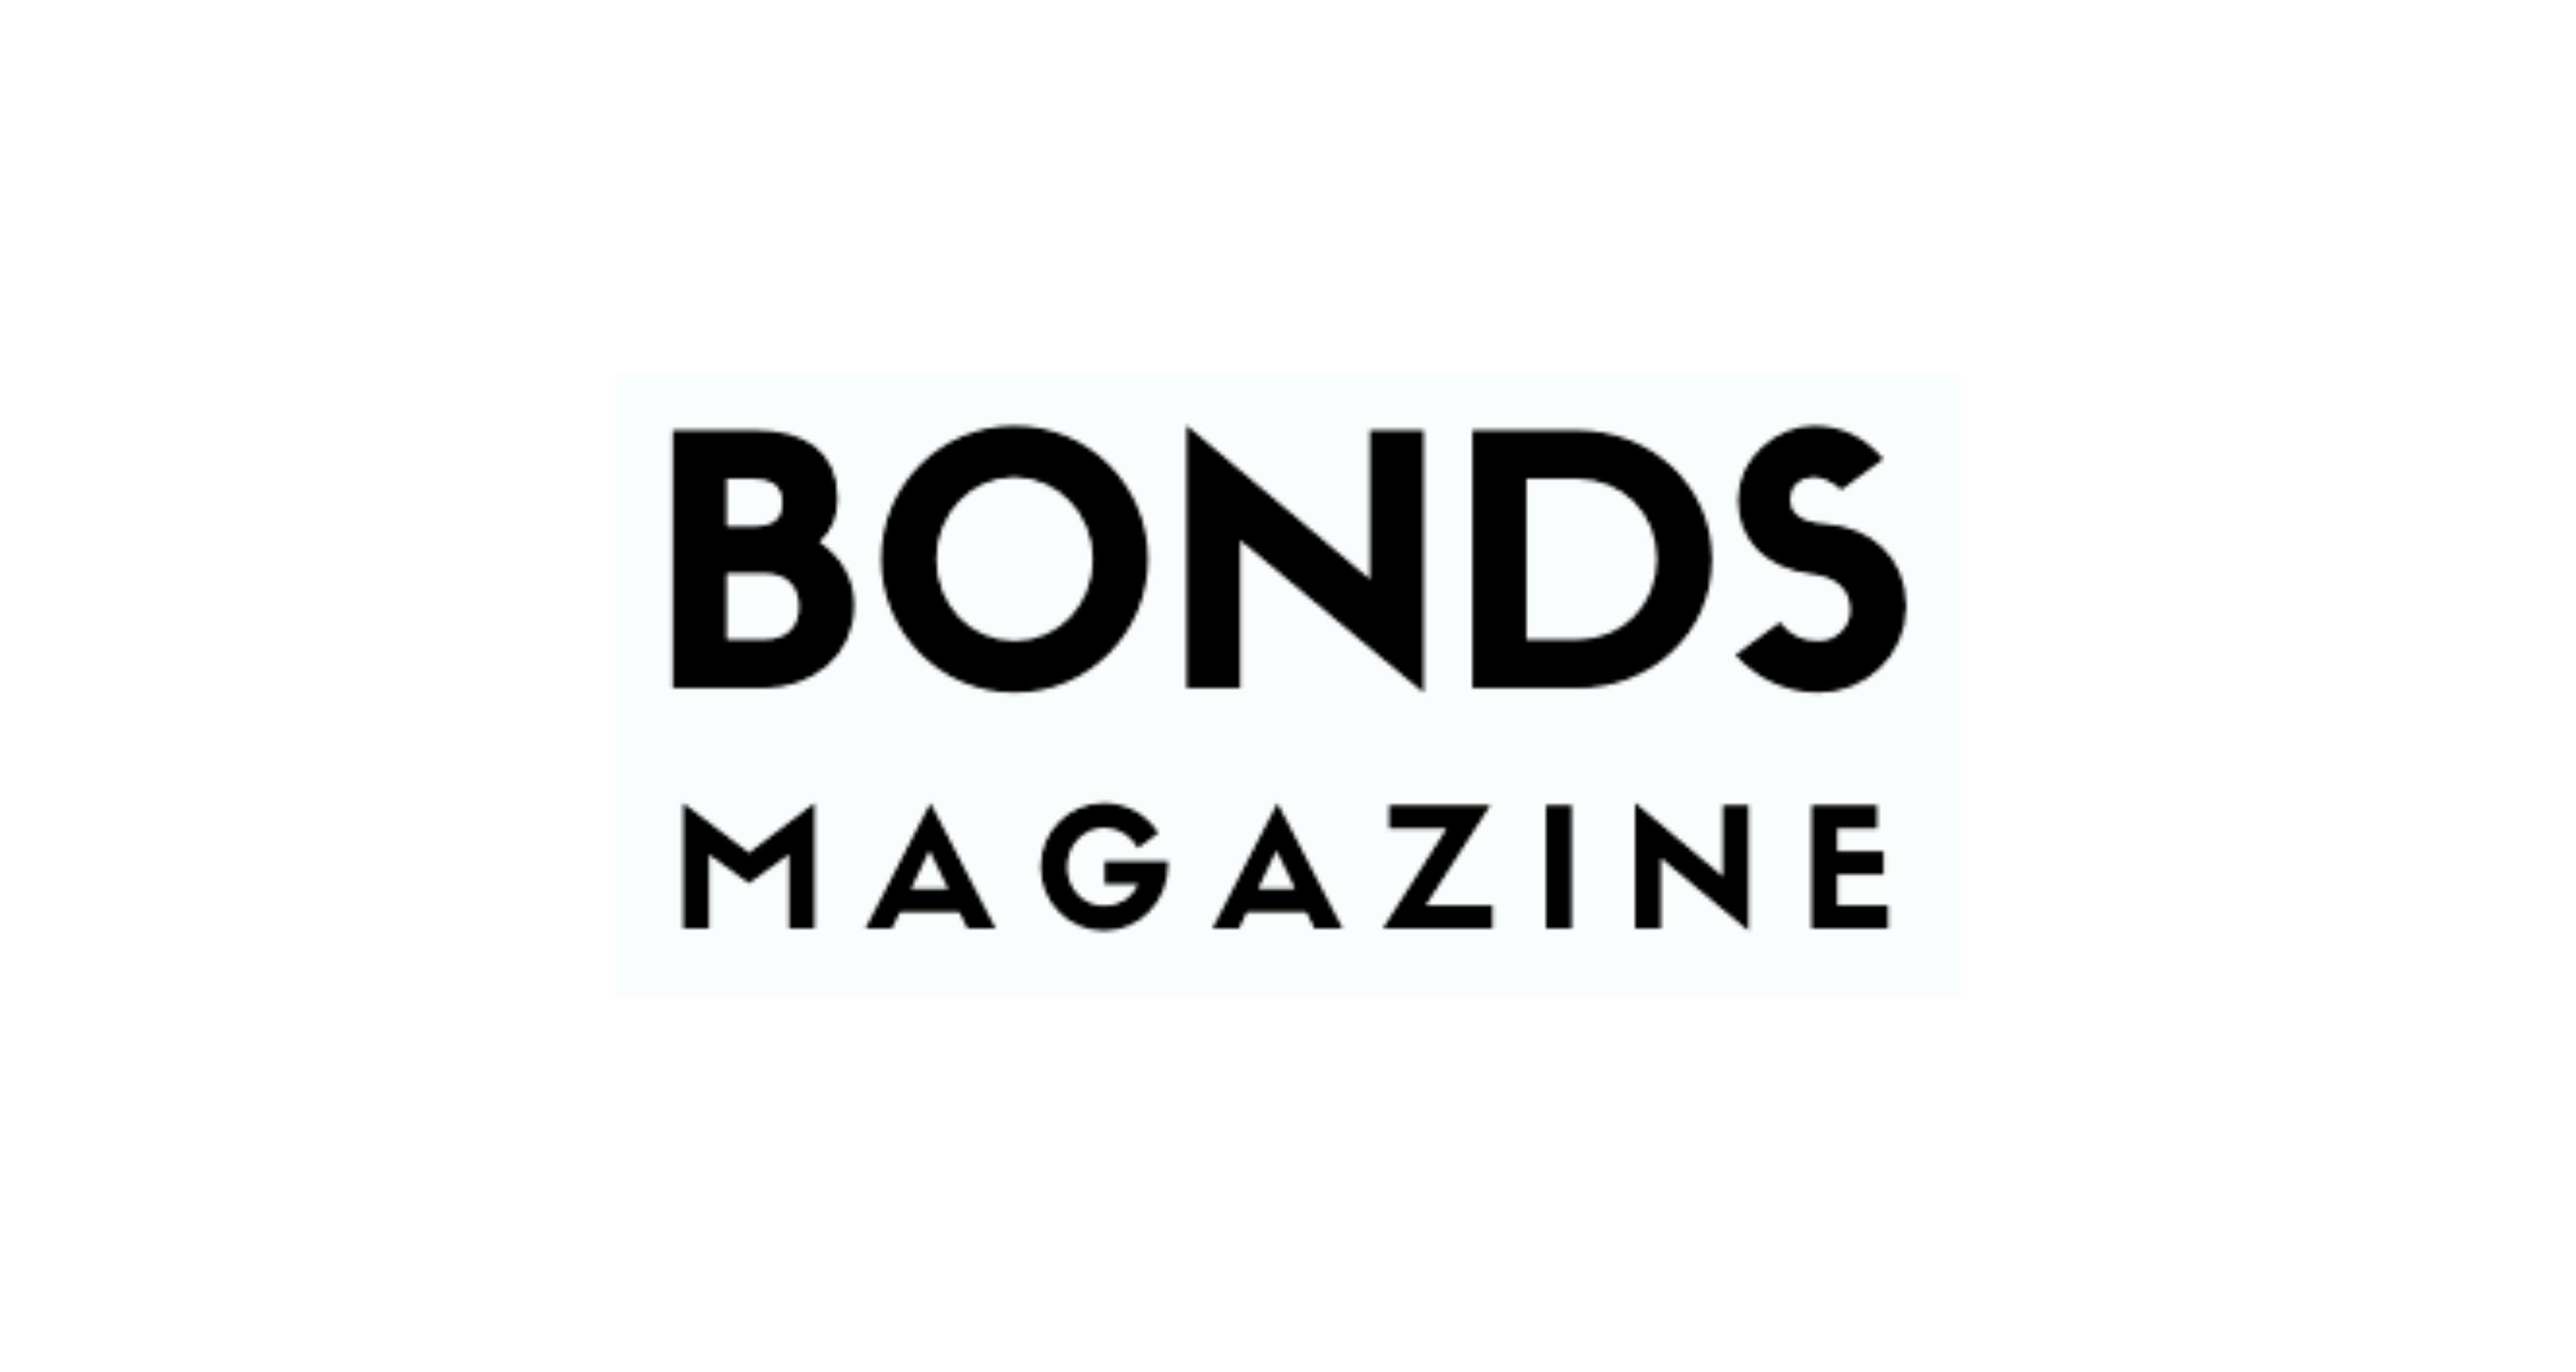 Bonds Magazine